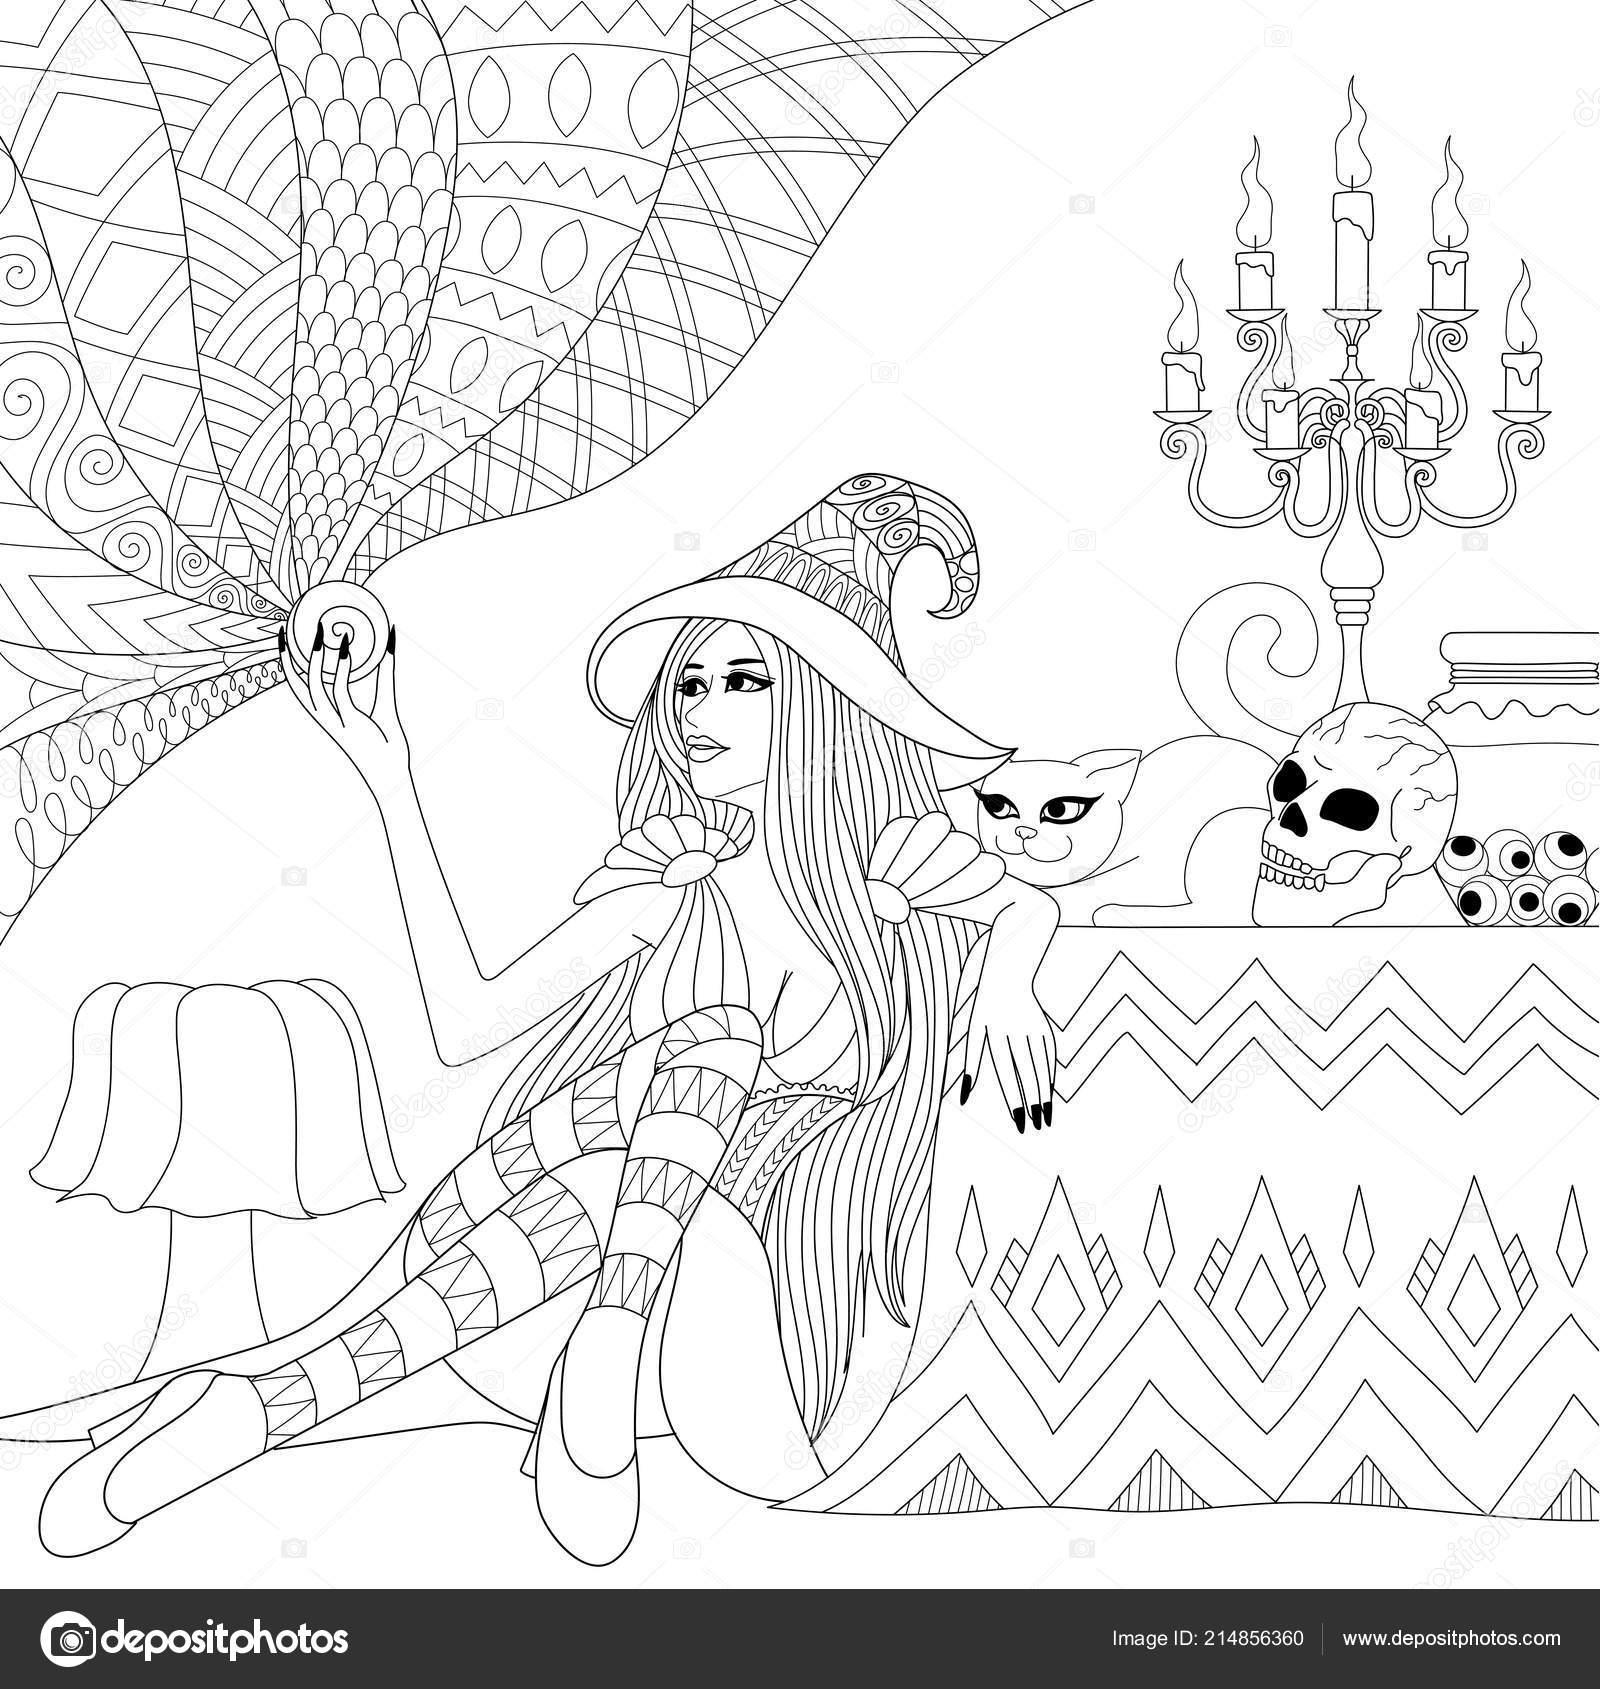 Kleurplaten Halloween Volwassenen.Kleuren Pagina Kleurboek Voor Volwassenen Halloween Meisje Heks Met